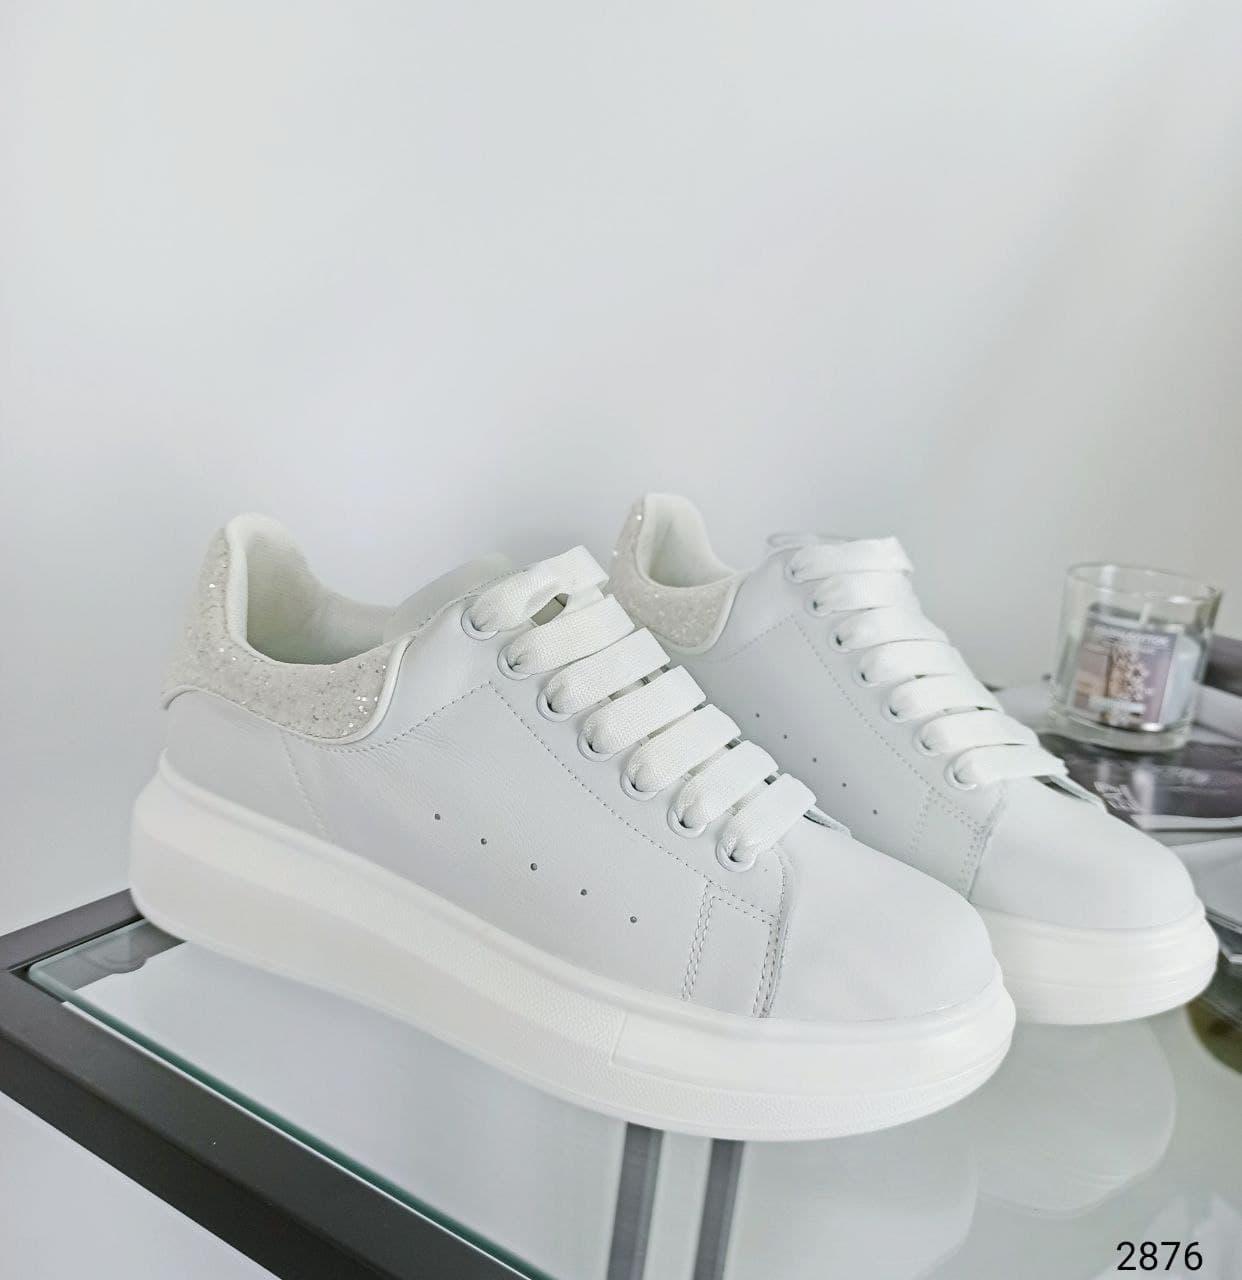 39 р. Кросівки жіночі білі шкіряні на низькому ходу на підошві з із натуральної шкіри білого кольору